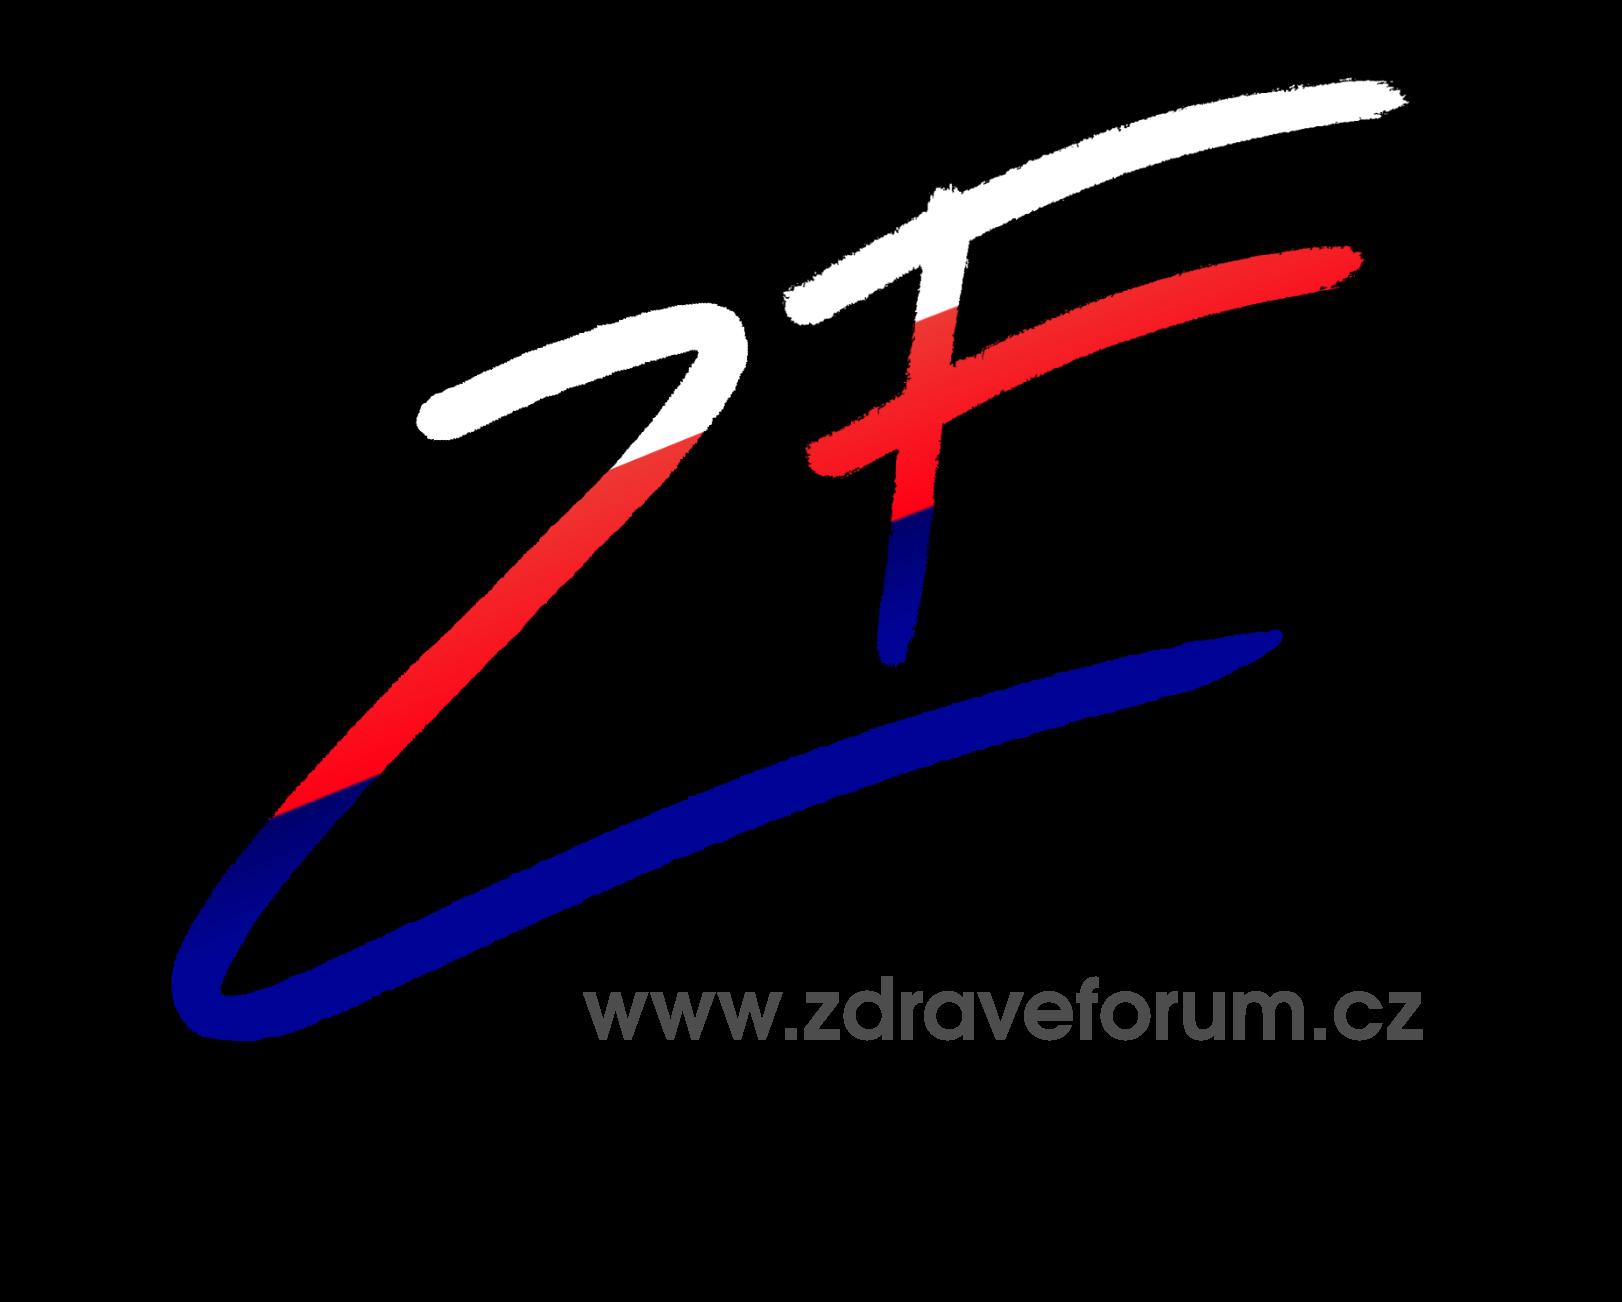 Zdravé fórum